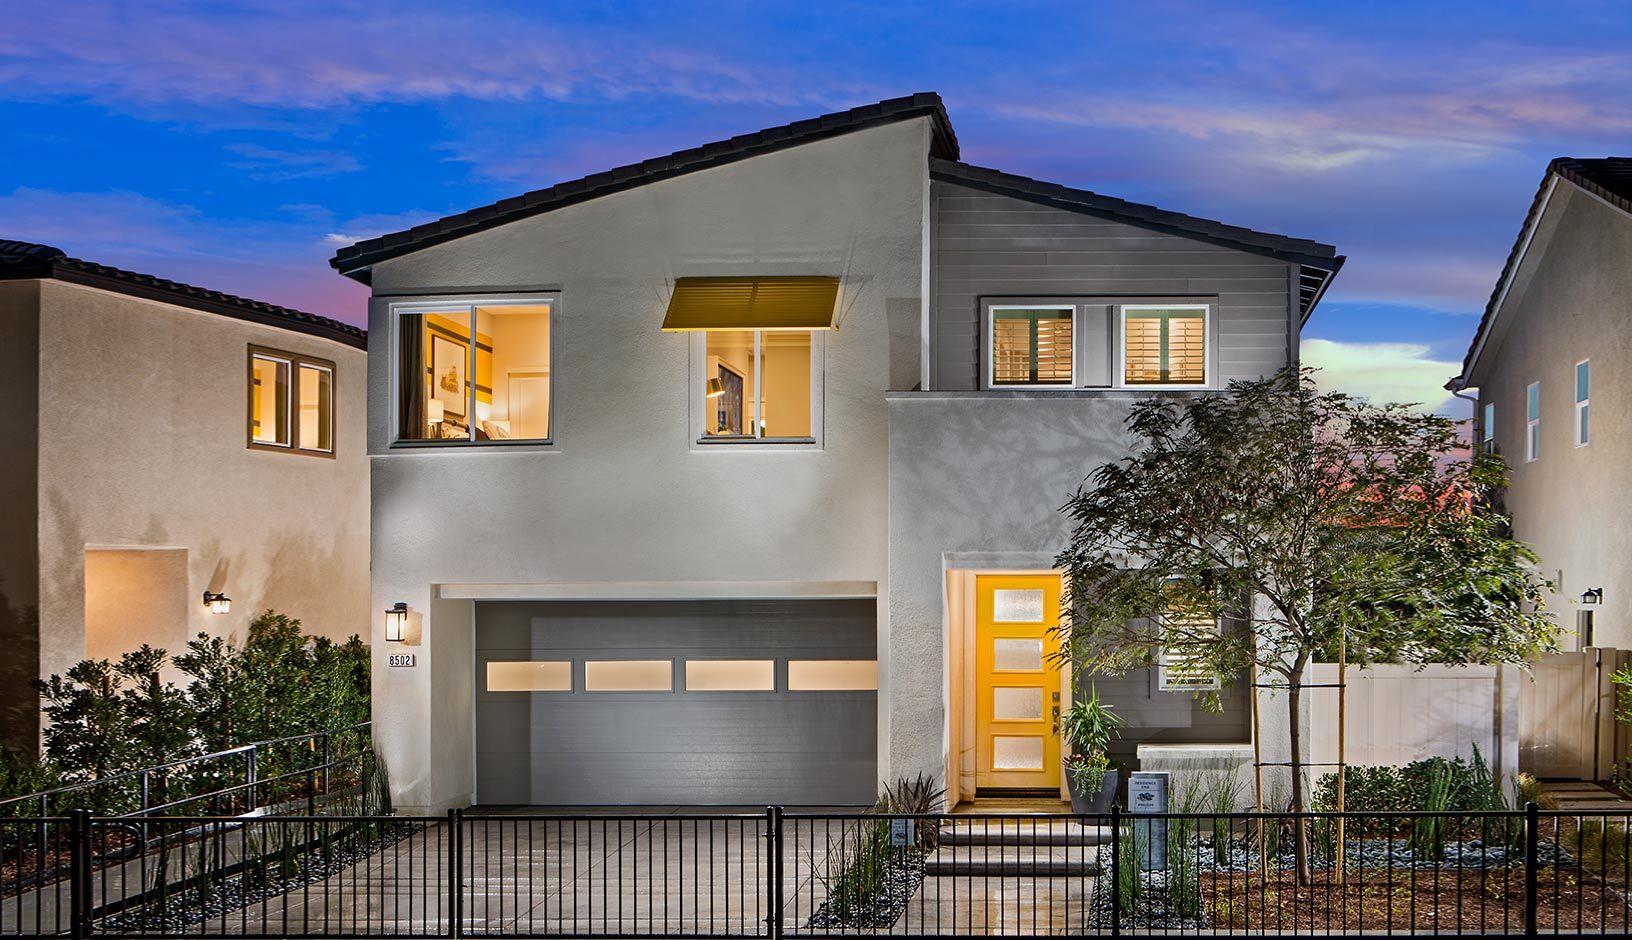 Residence 1CR - Model Home